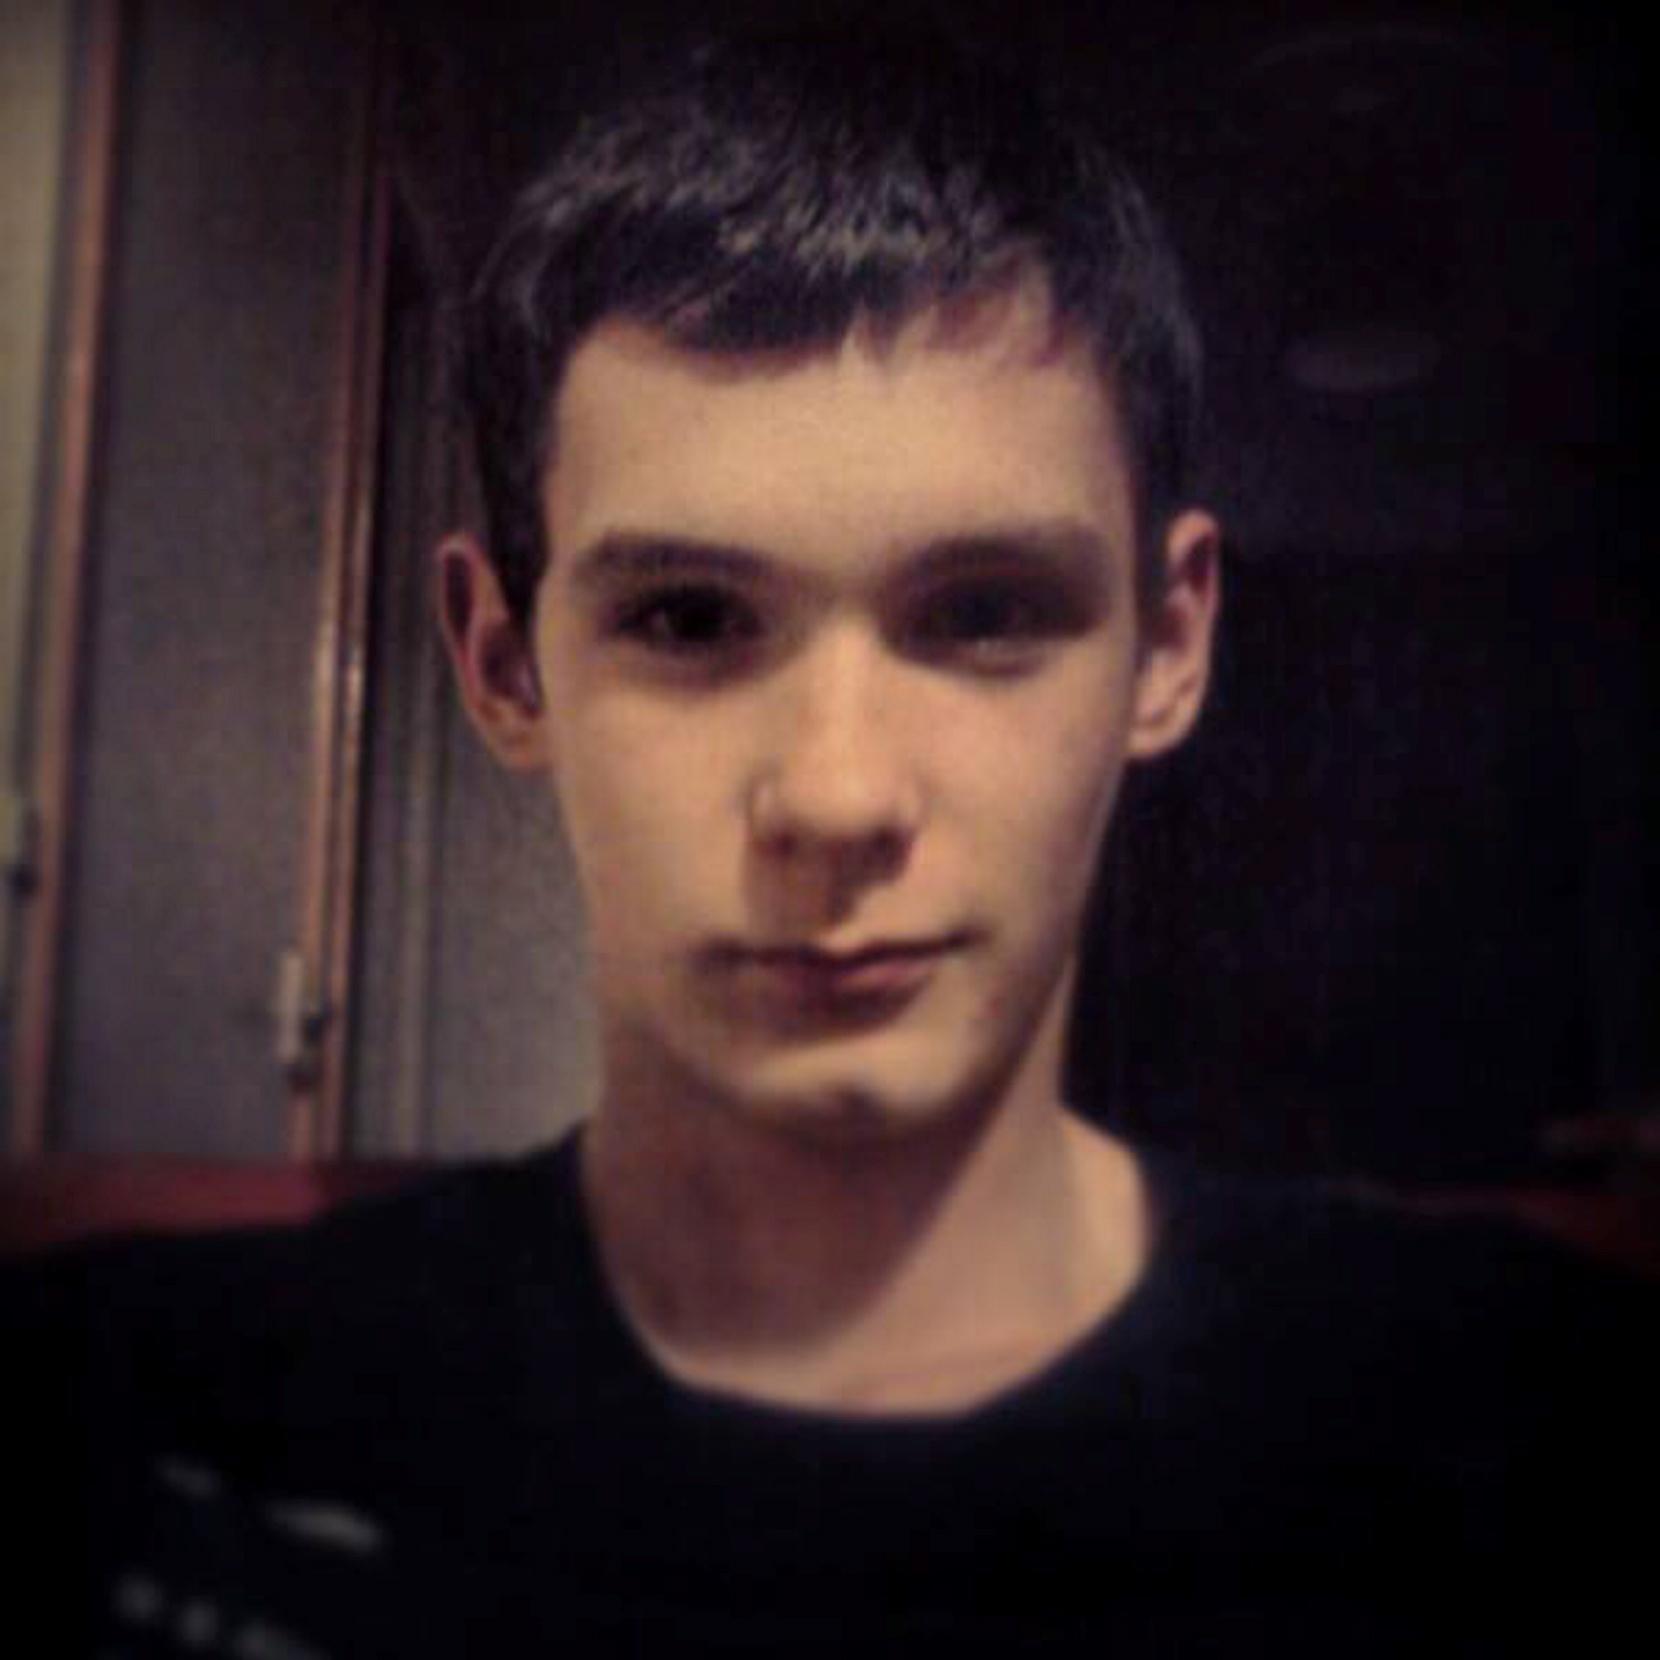 Alexander Fraser, 19